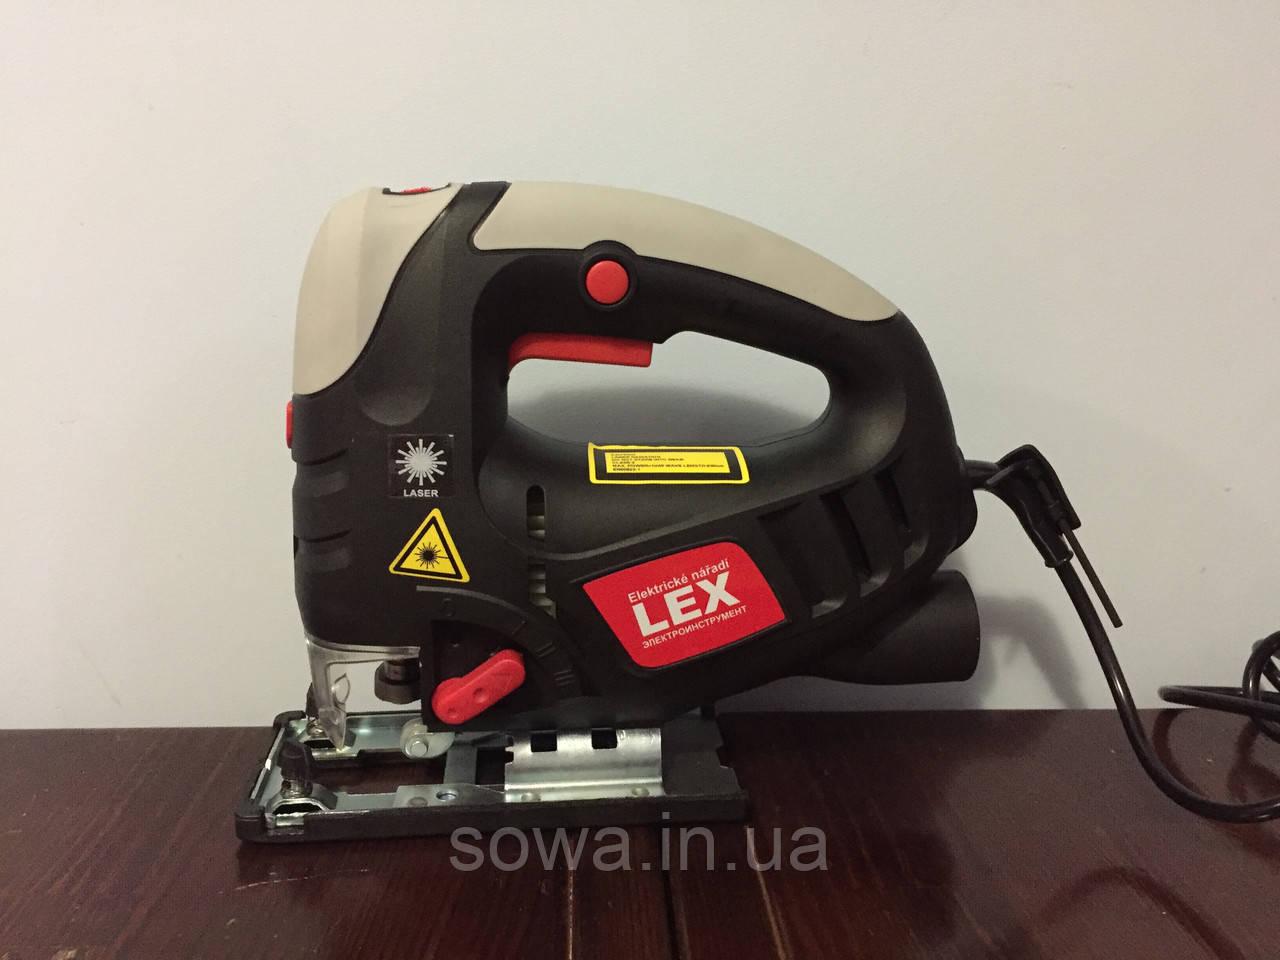 ✔️ Лобзик с лазером Lex JS 233 / Гарнатия 1 год